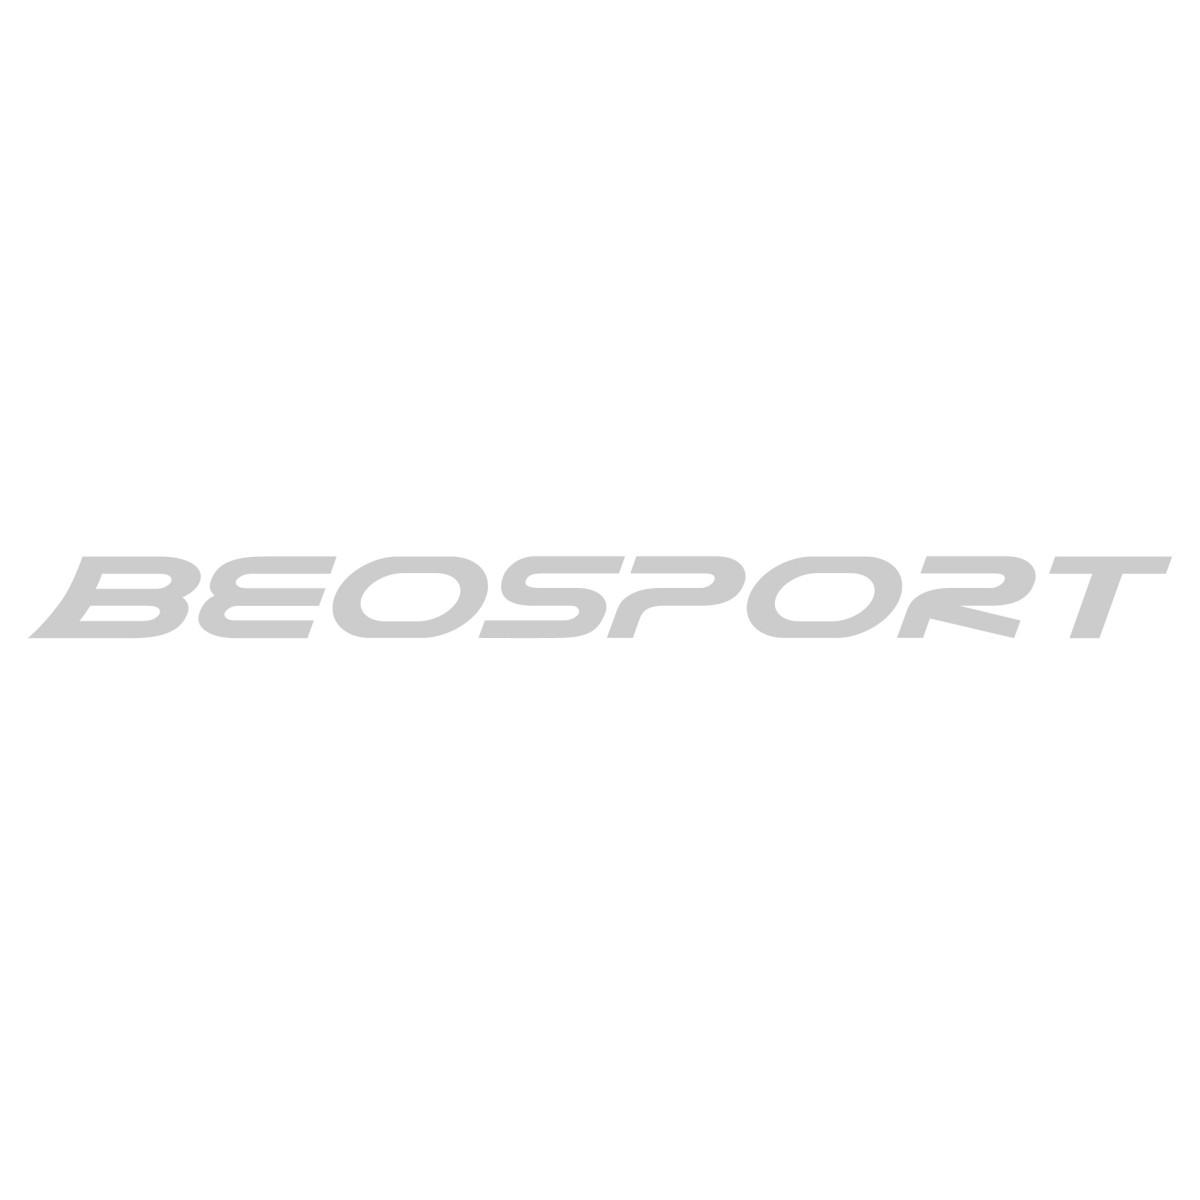 Wilson Mini Jumbo promo loptica za tenis